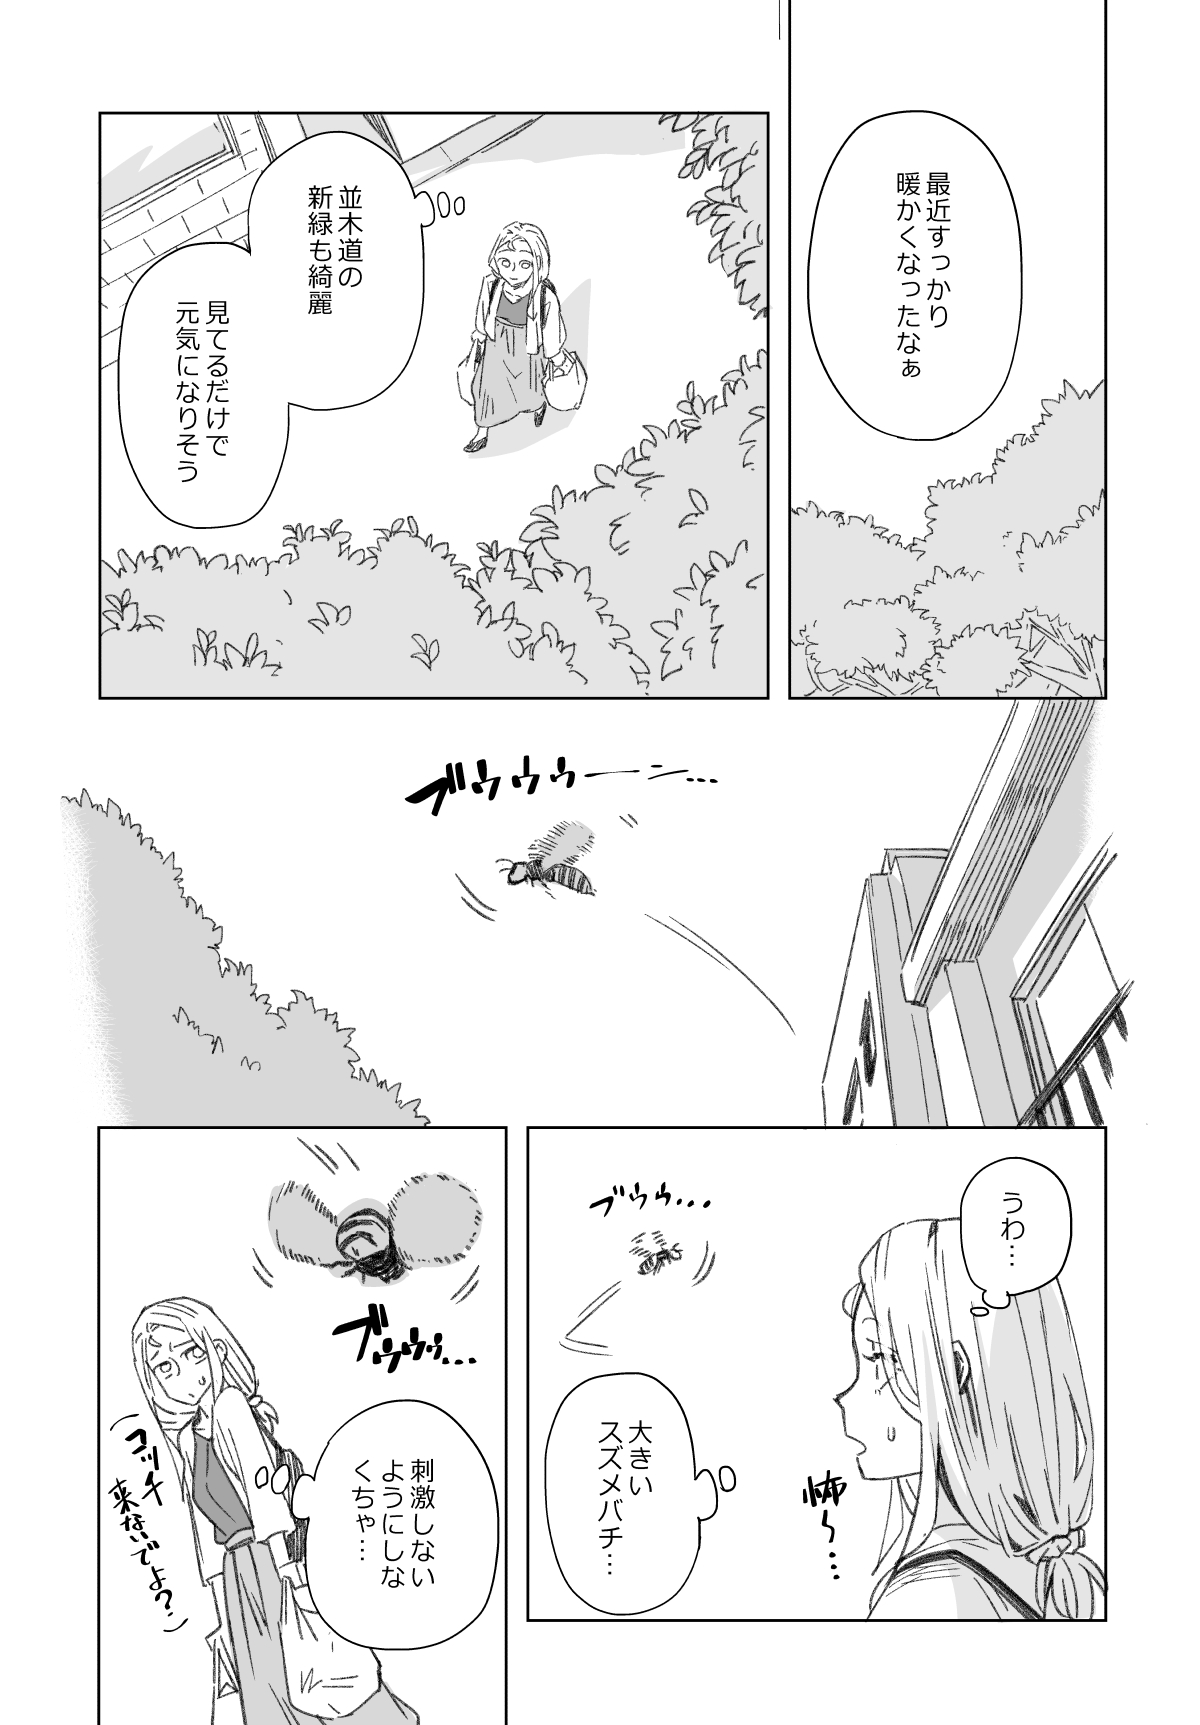 美 魔女 の 綾乃 さん アニメイト